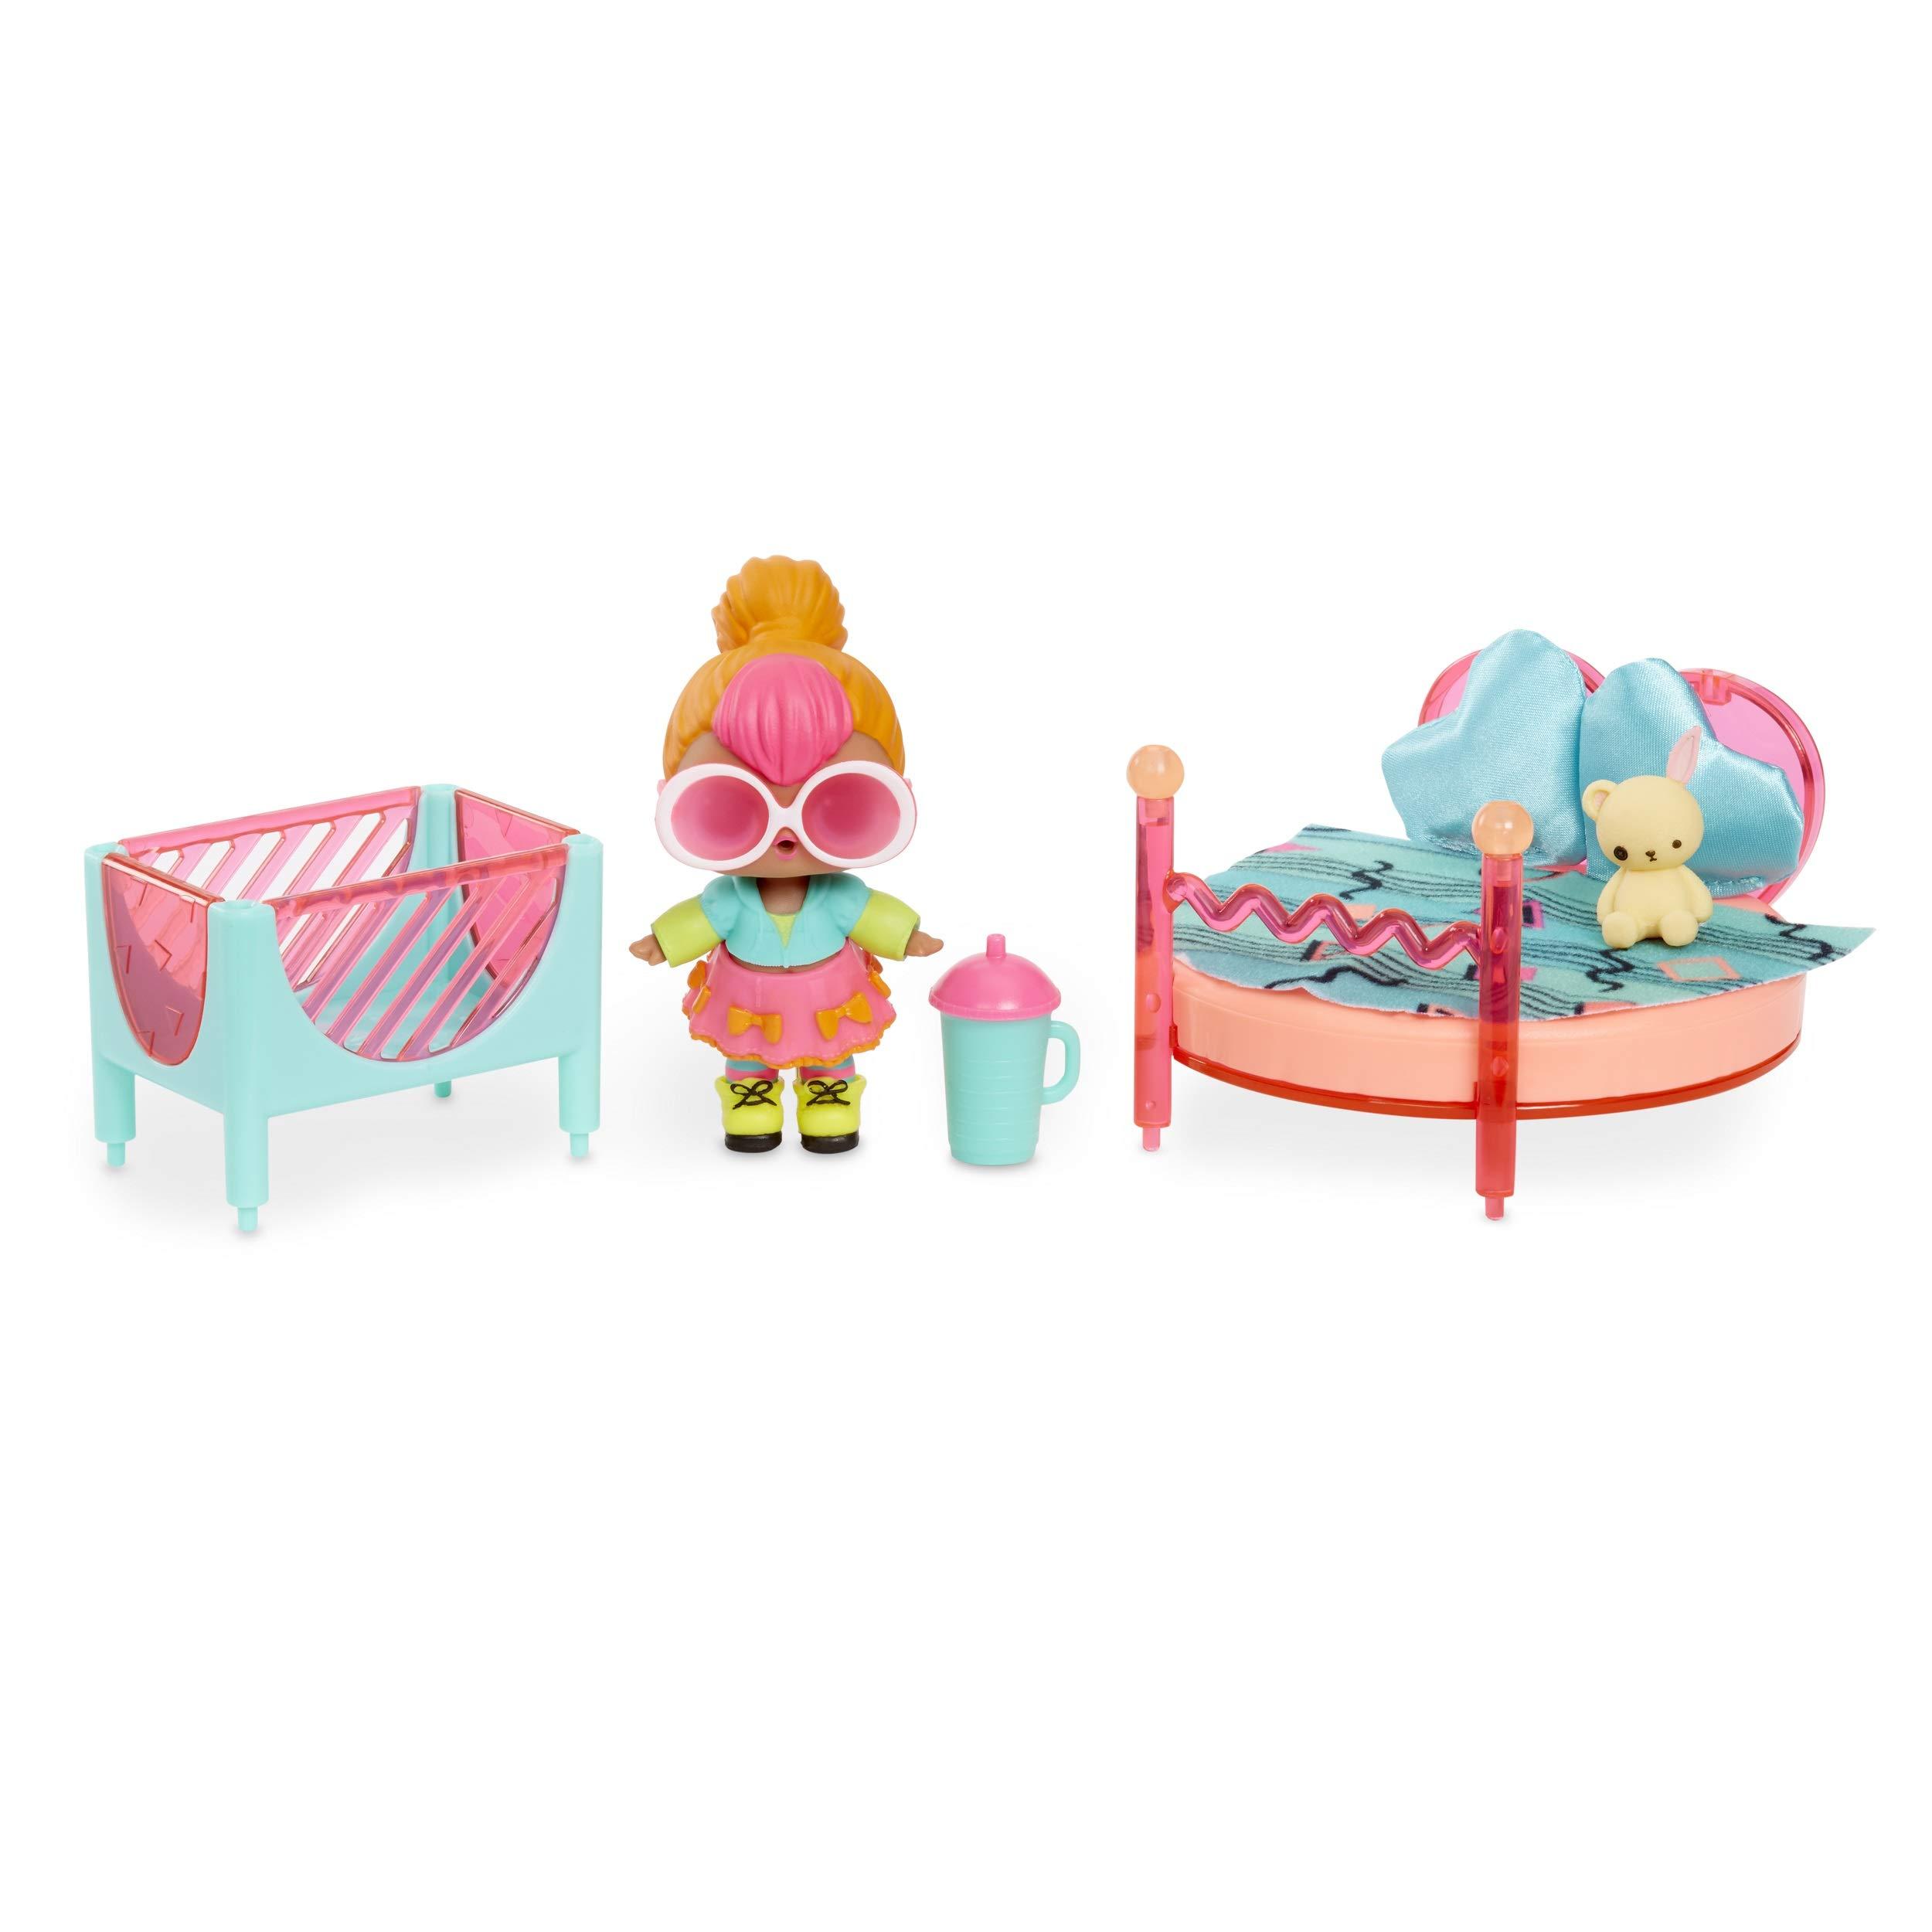 L.O.L. Surprise! Furniture Bedroom with Neon Q.T. & 10+ Surprises, Multicolor by L.O.L. Surprise!